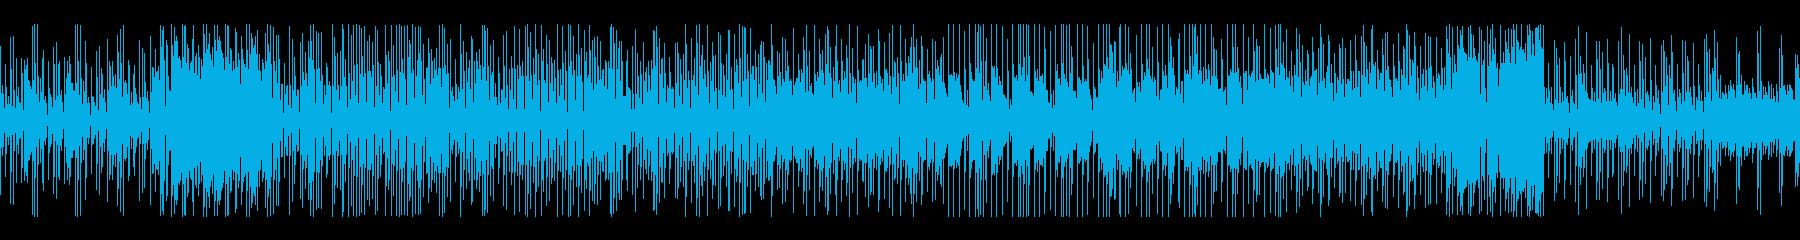 レトロ風メロディとピコピコ音の無限リレーの再生済みの波形